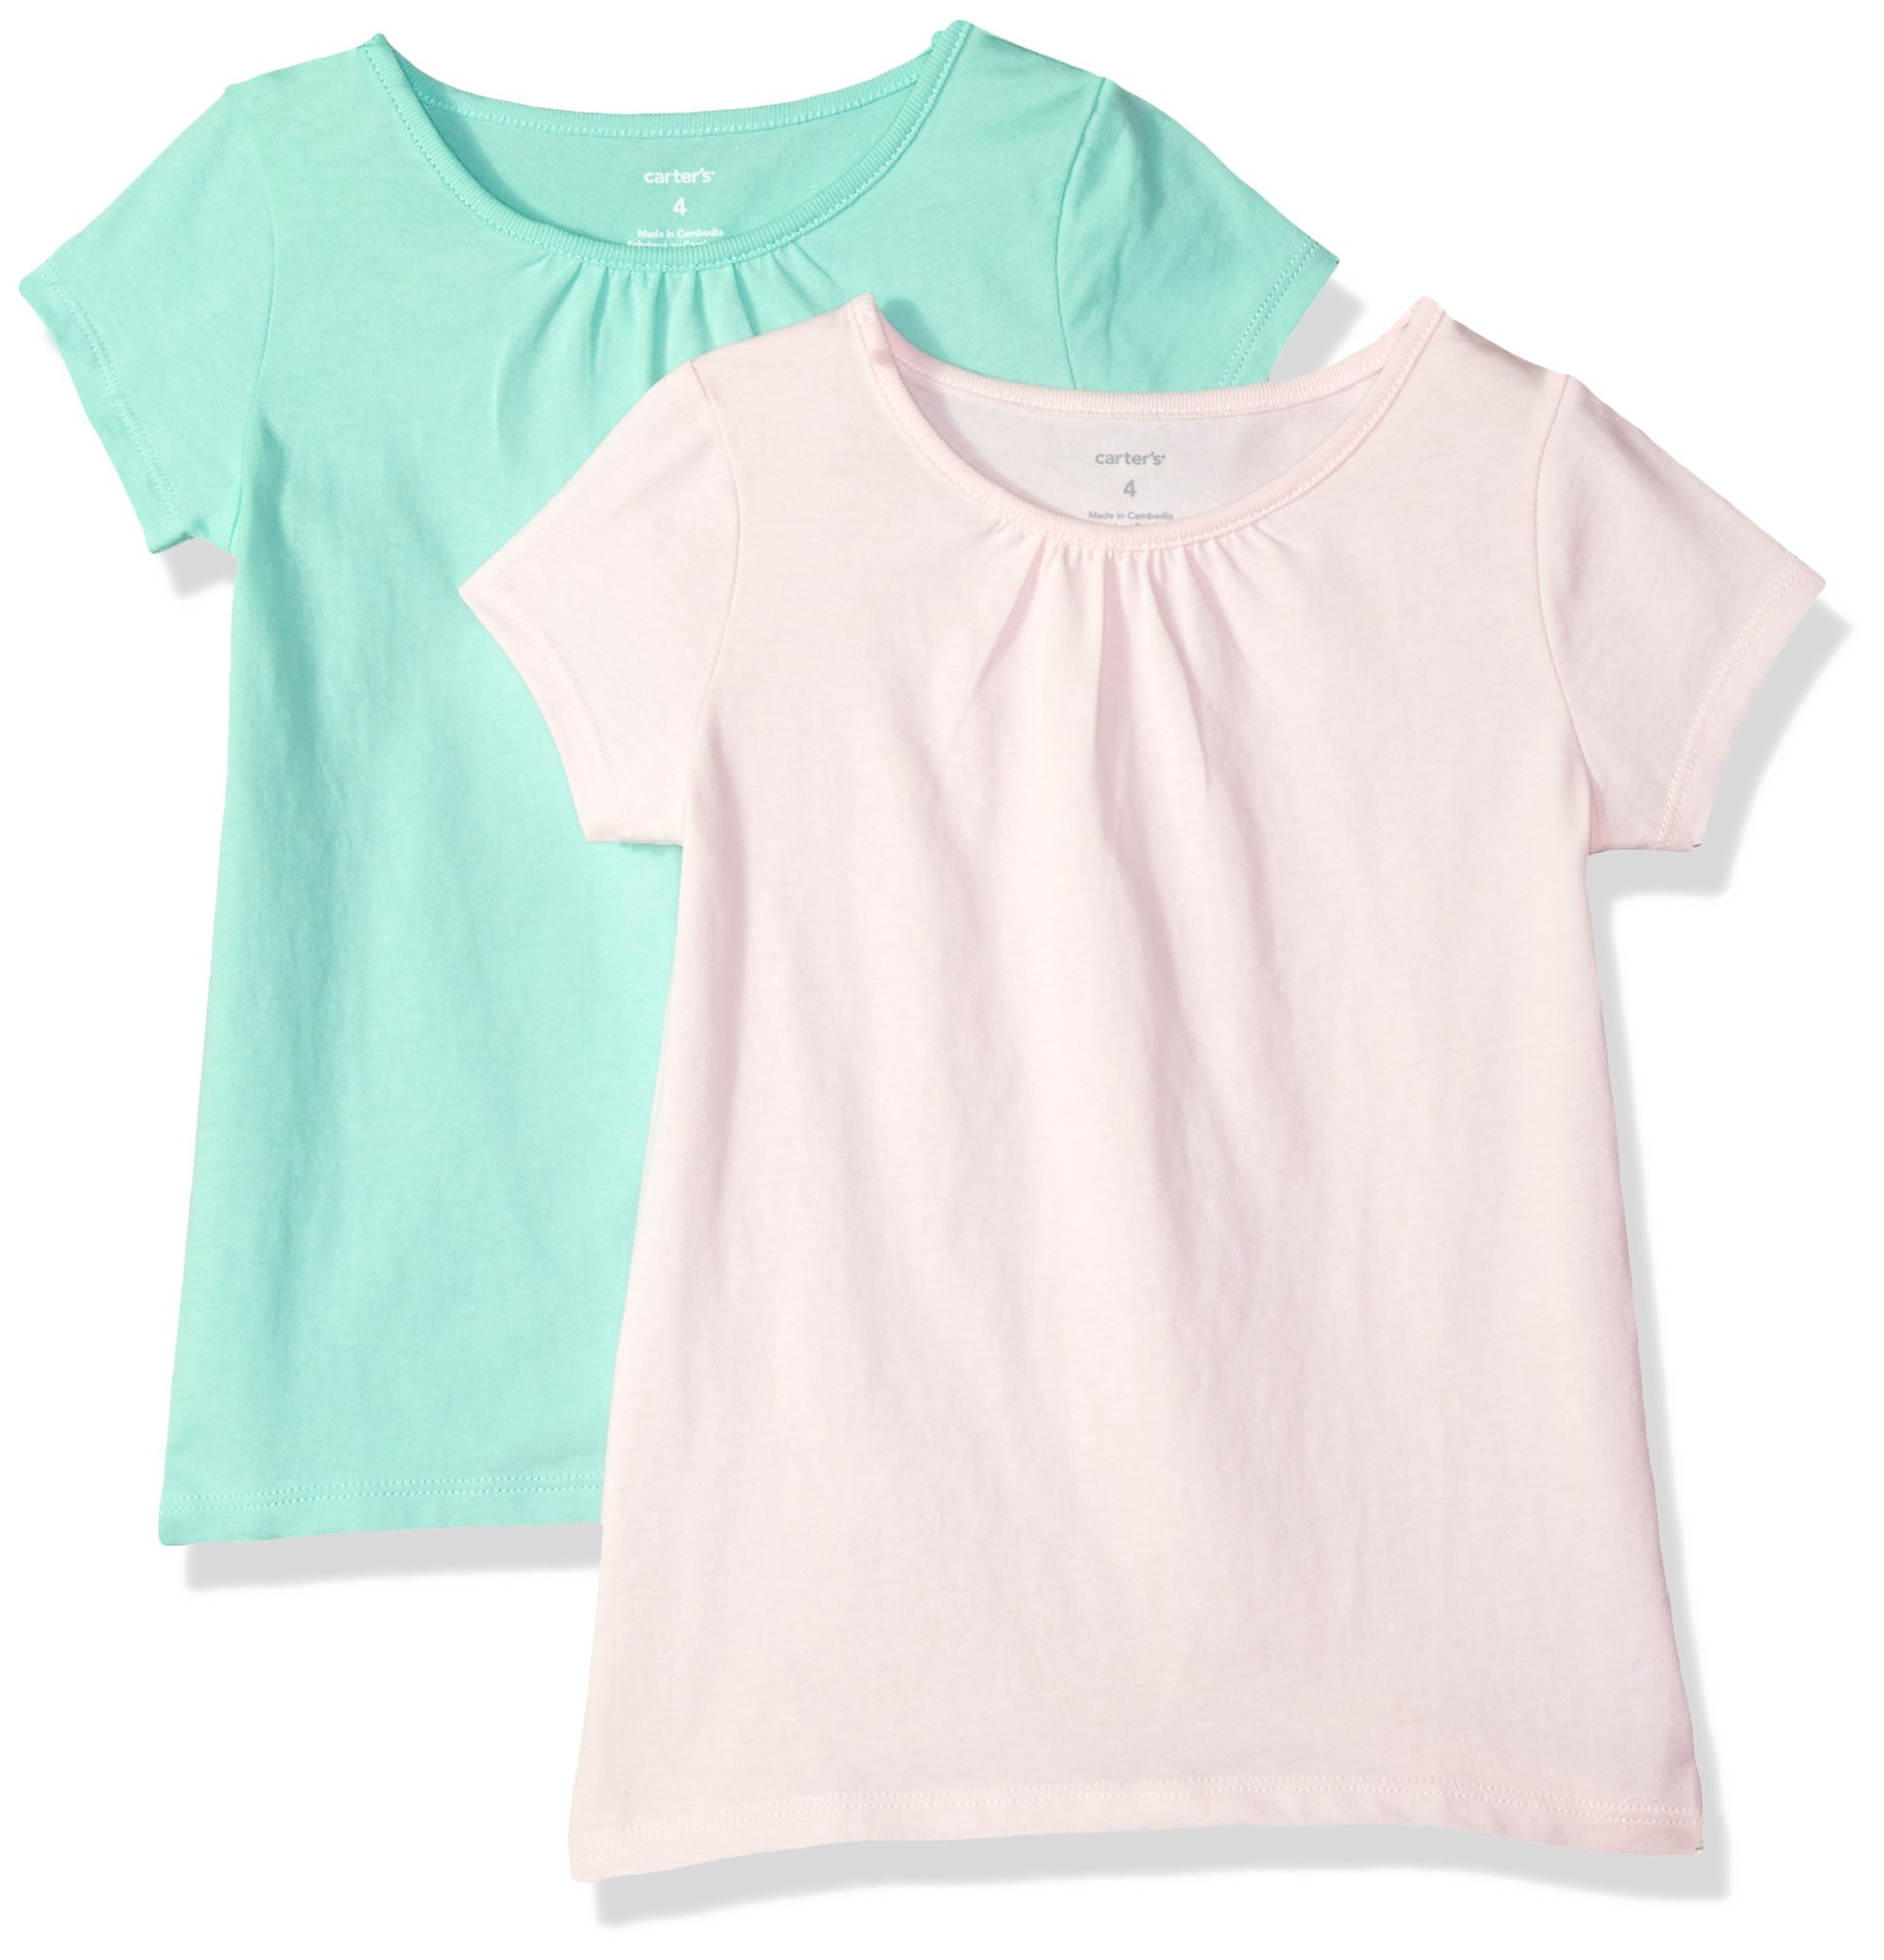 Carter's Big Girls' 2-Pack Tee, Light Pink/Mint, 8